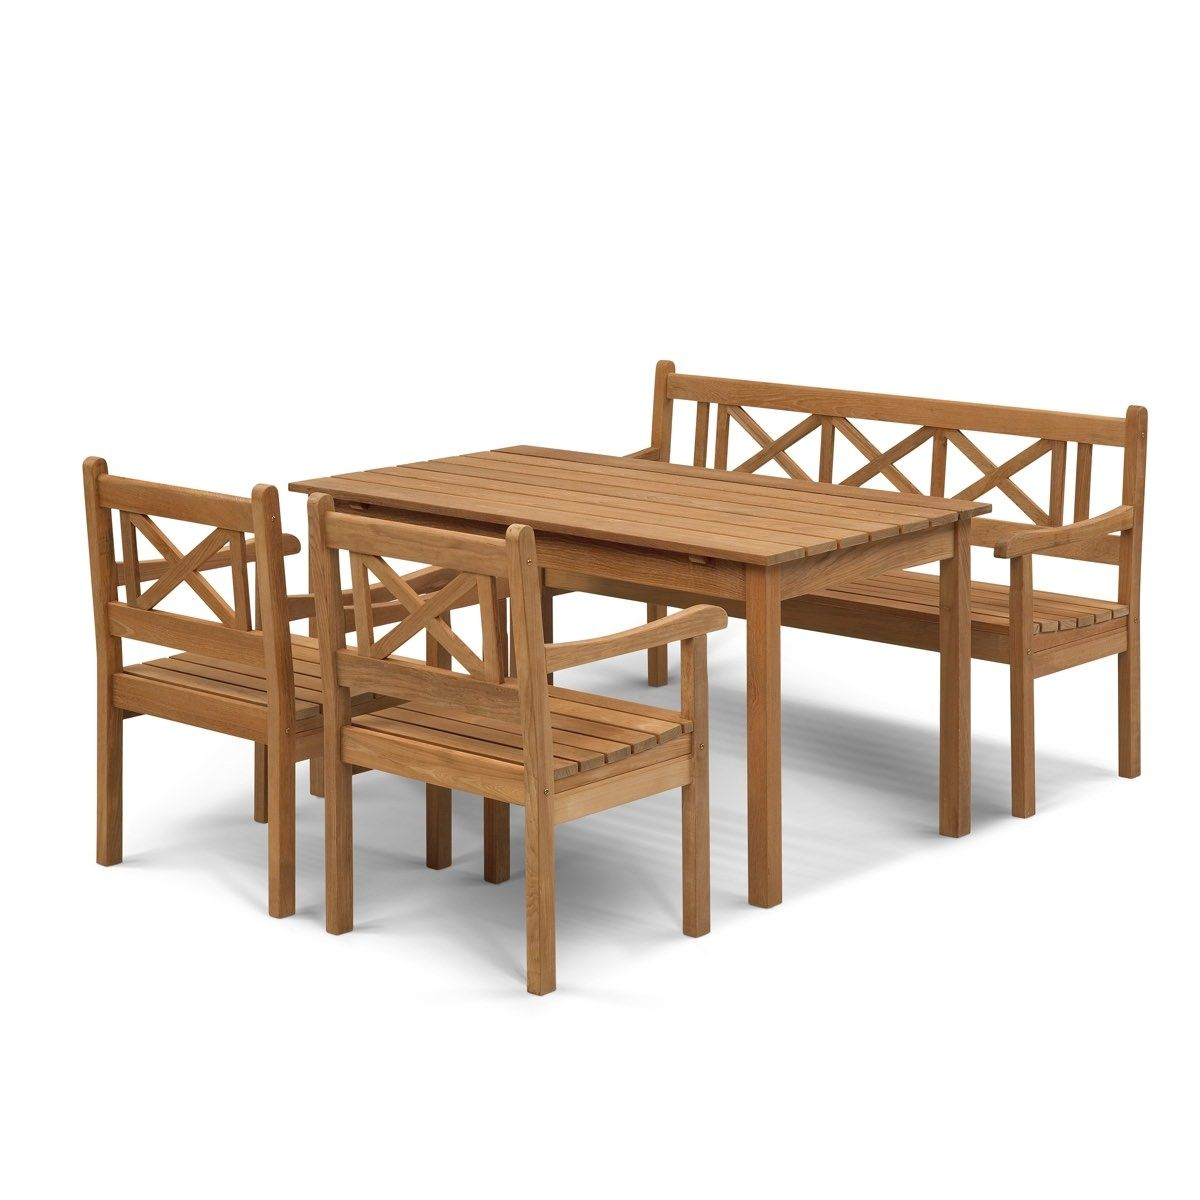 Skagerak Skagen outdoor dining set